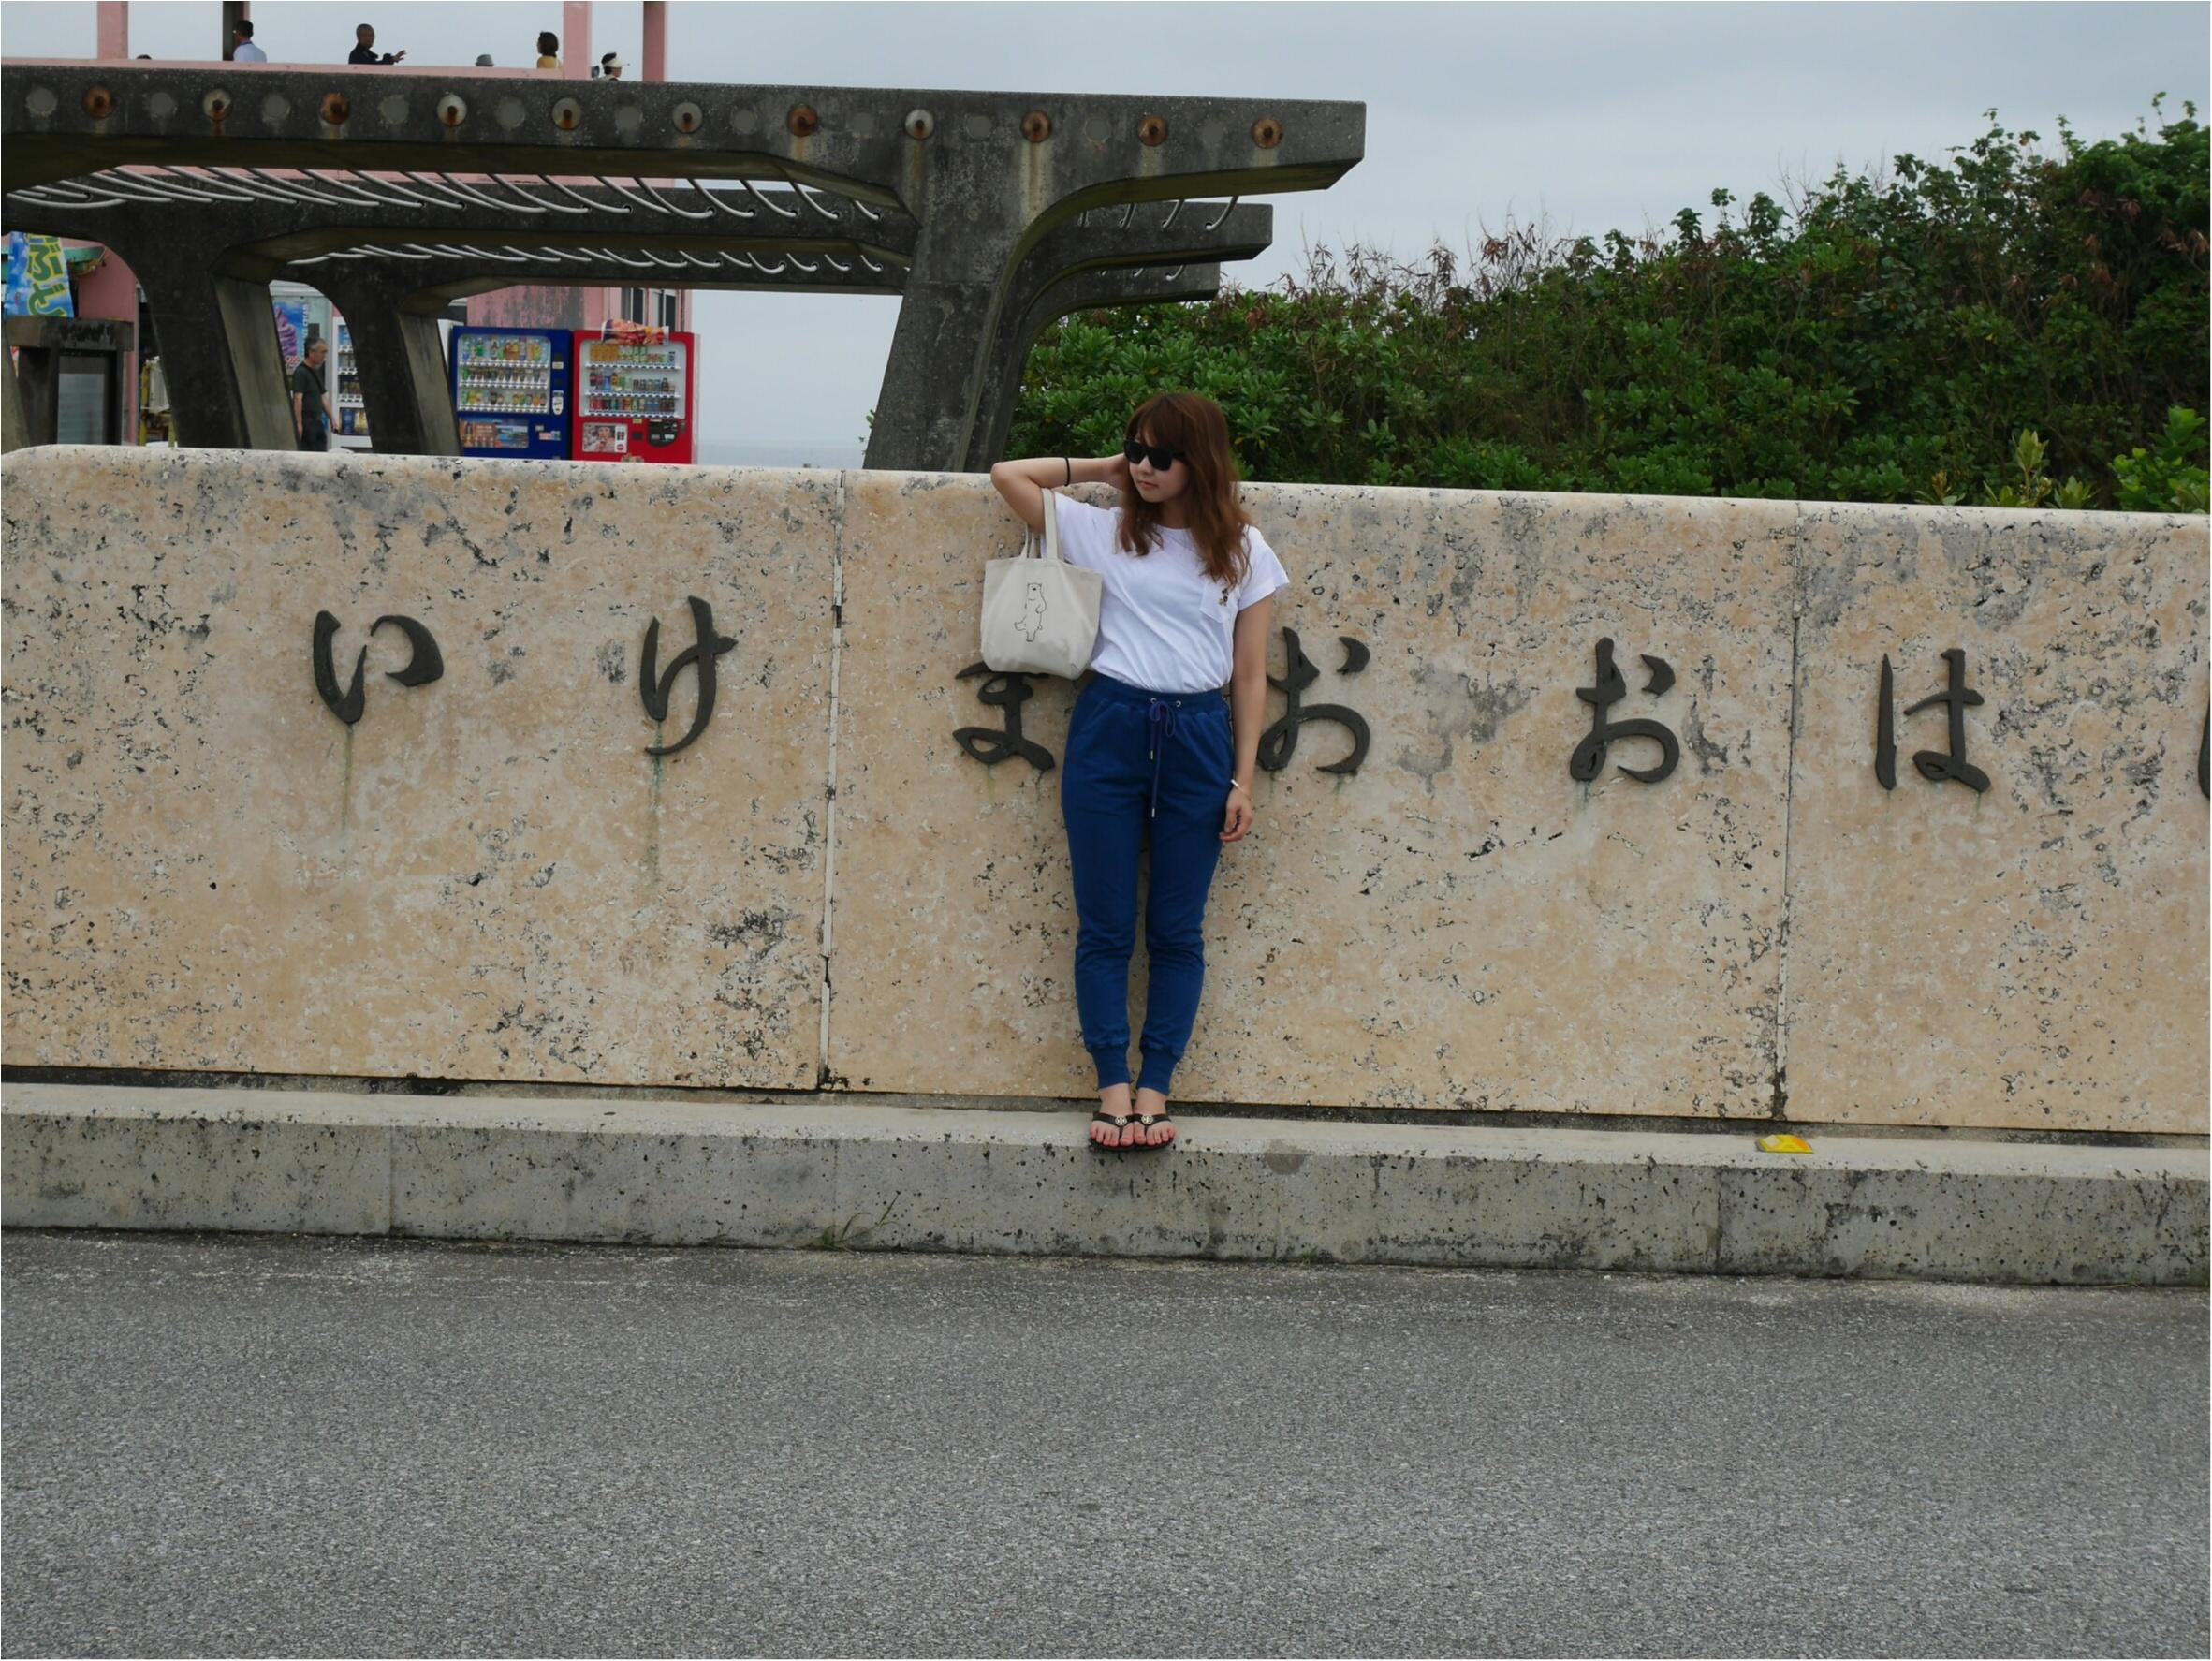 【宮古島】沖縄の離島が好きな人へ、1泊2日の弾丸旅のすすめ。_5